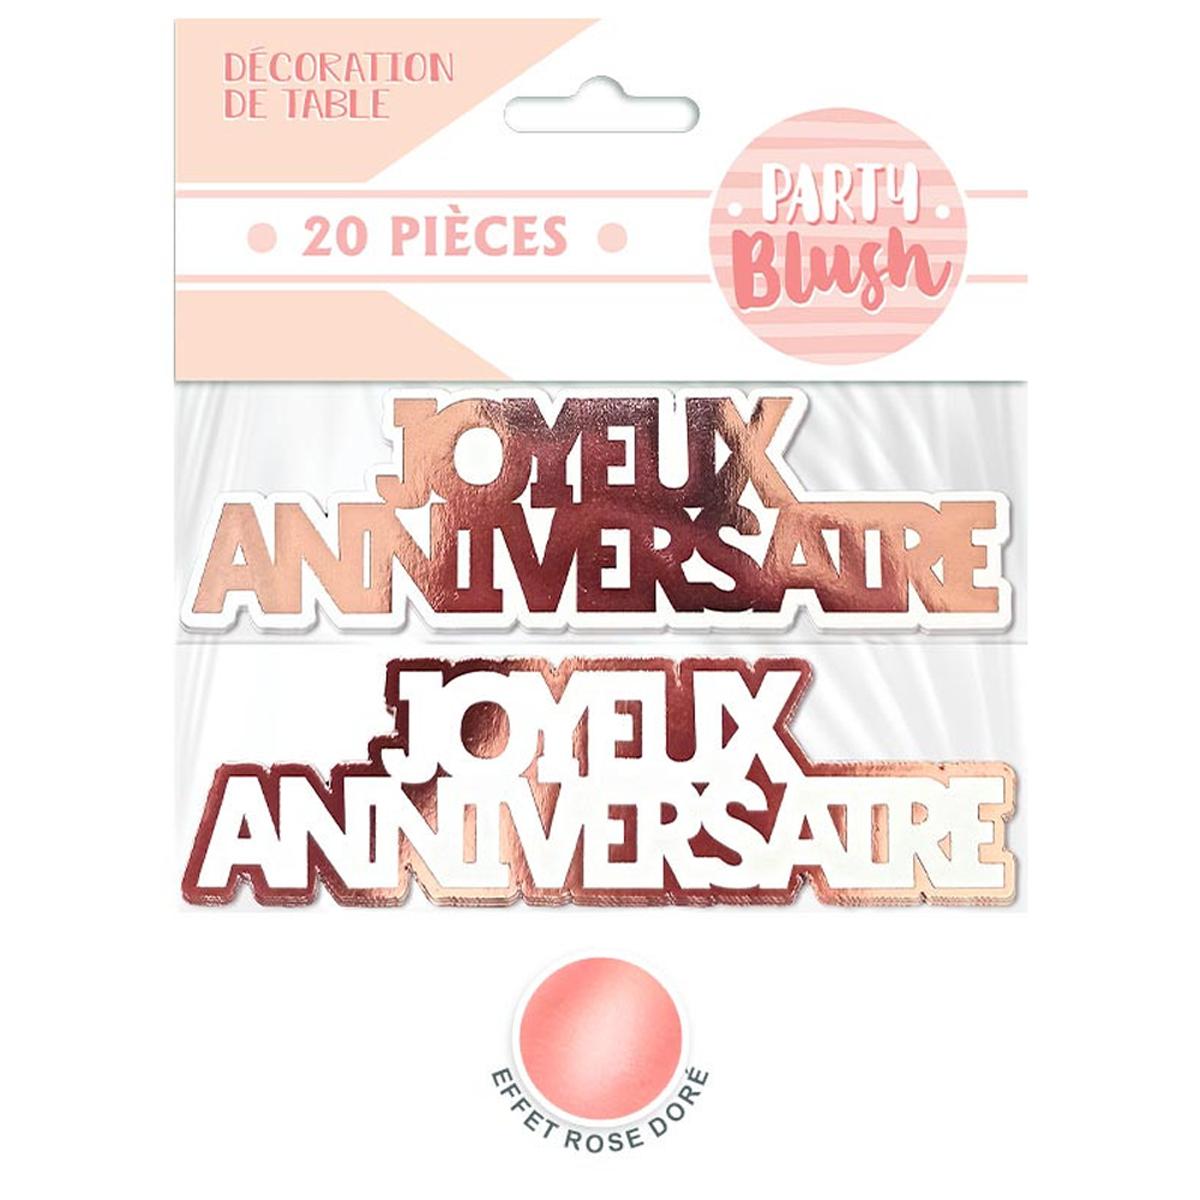 20 décors de table \'Joyeux Anniversaire\' rosé (blush) - 12 cm (20 pièces) - [A2748]